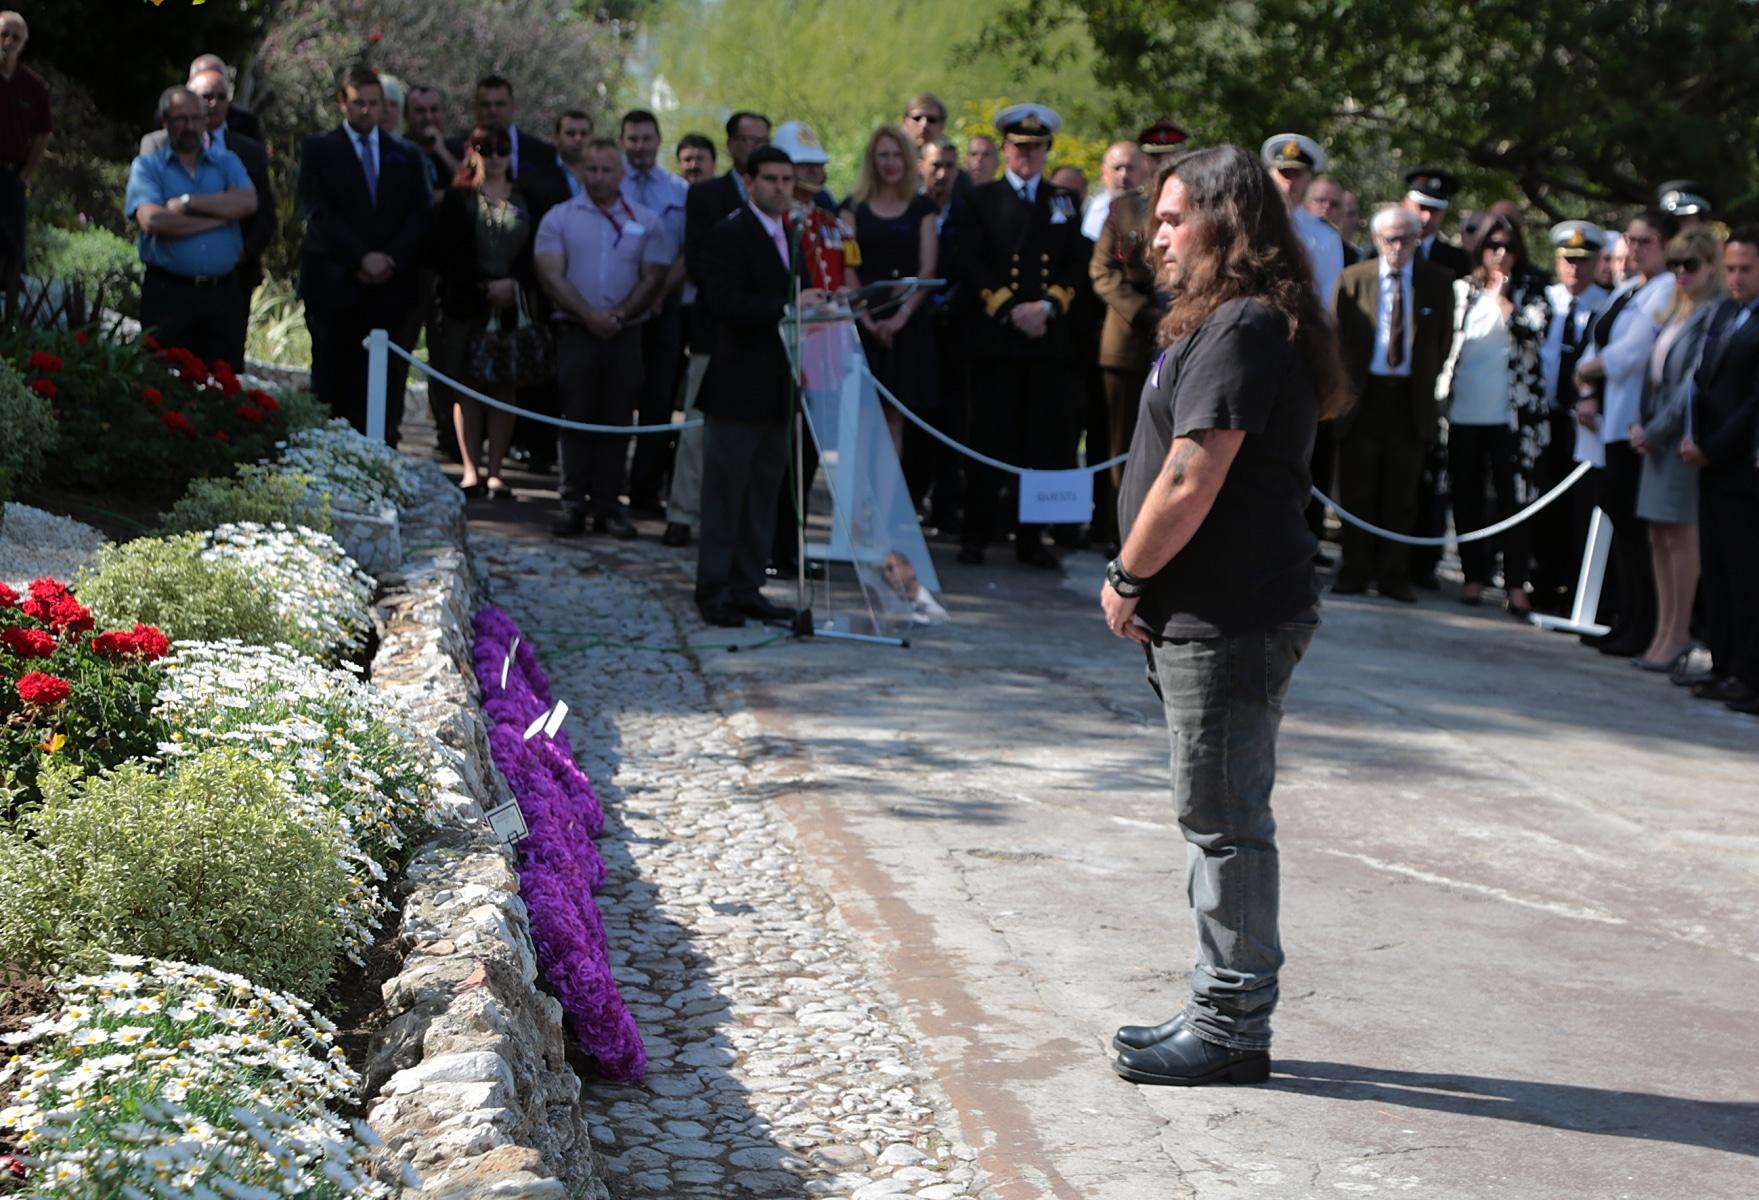 27-abr-16-homenaje-a-los-trabajadores-de-gibraltar_26679027995_o